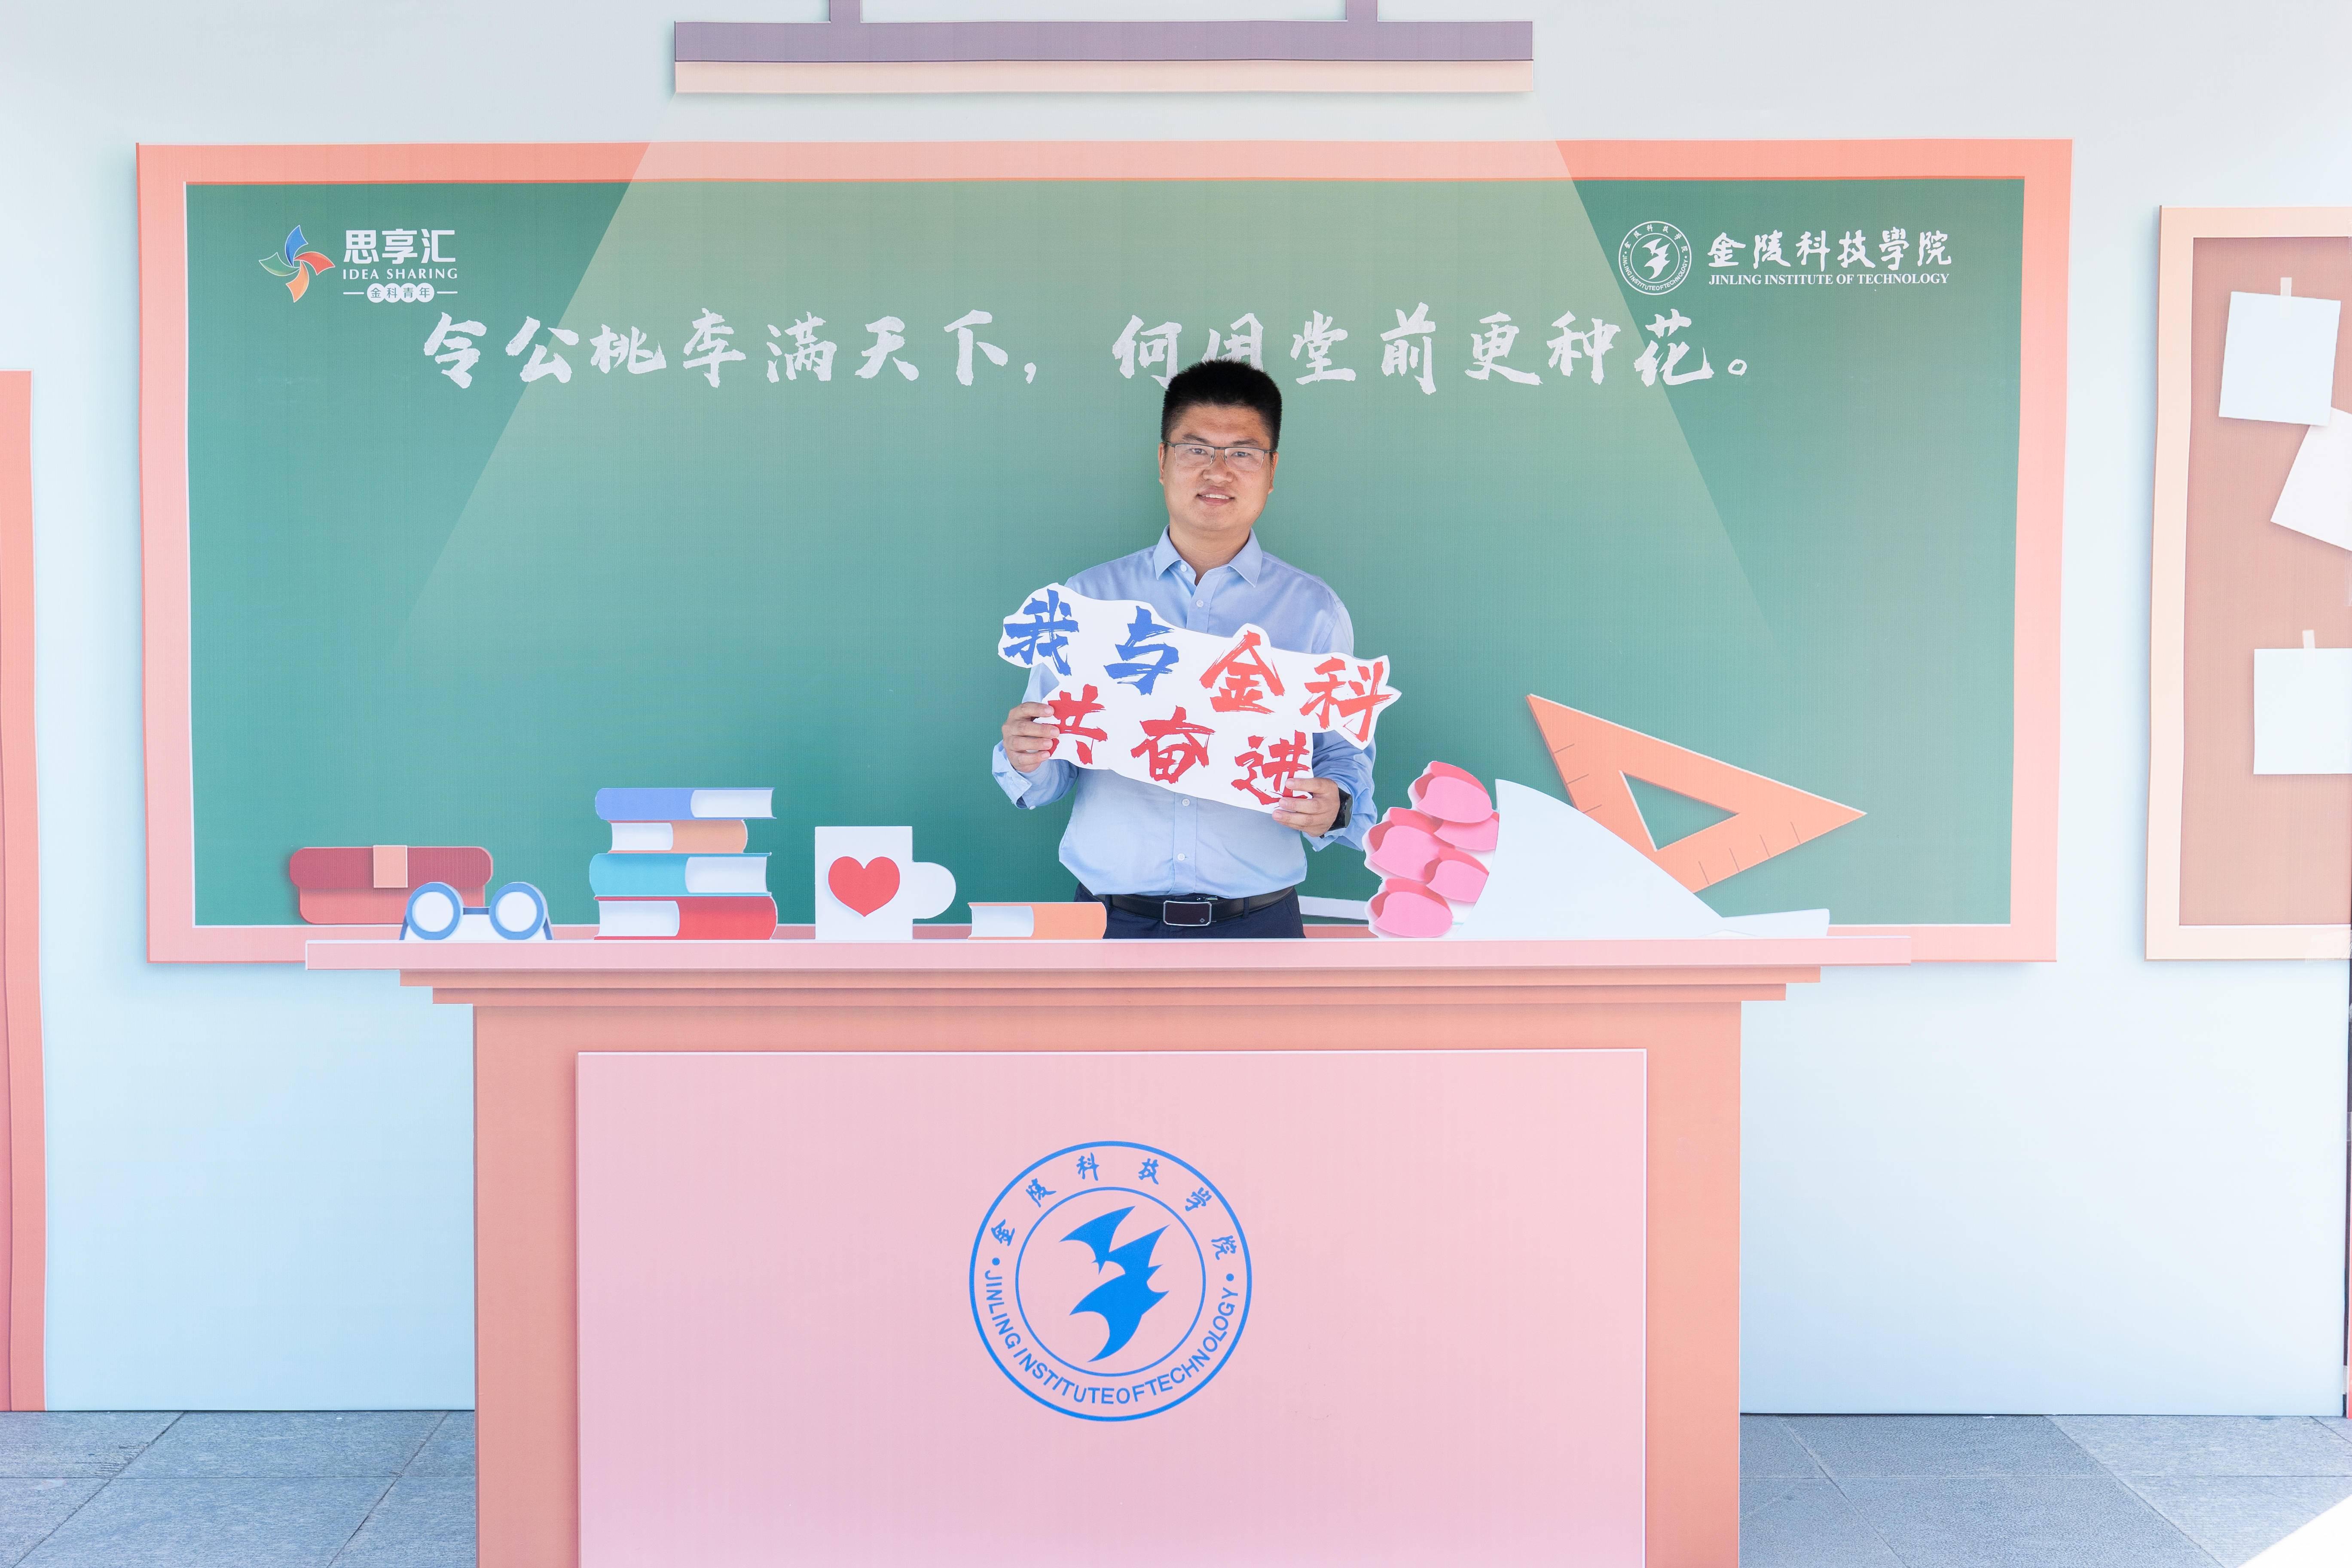 """南京市教育系统第十三届""""师德先进个人""""、建筑工程学院教师 黄冬辉"""